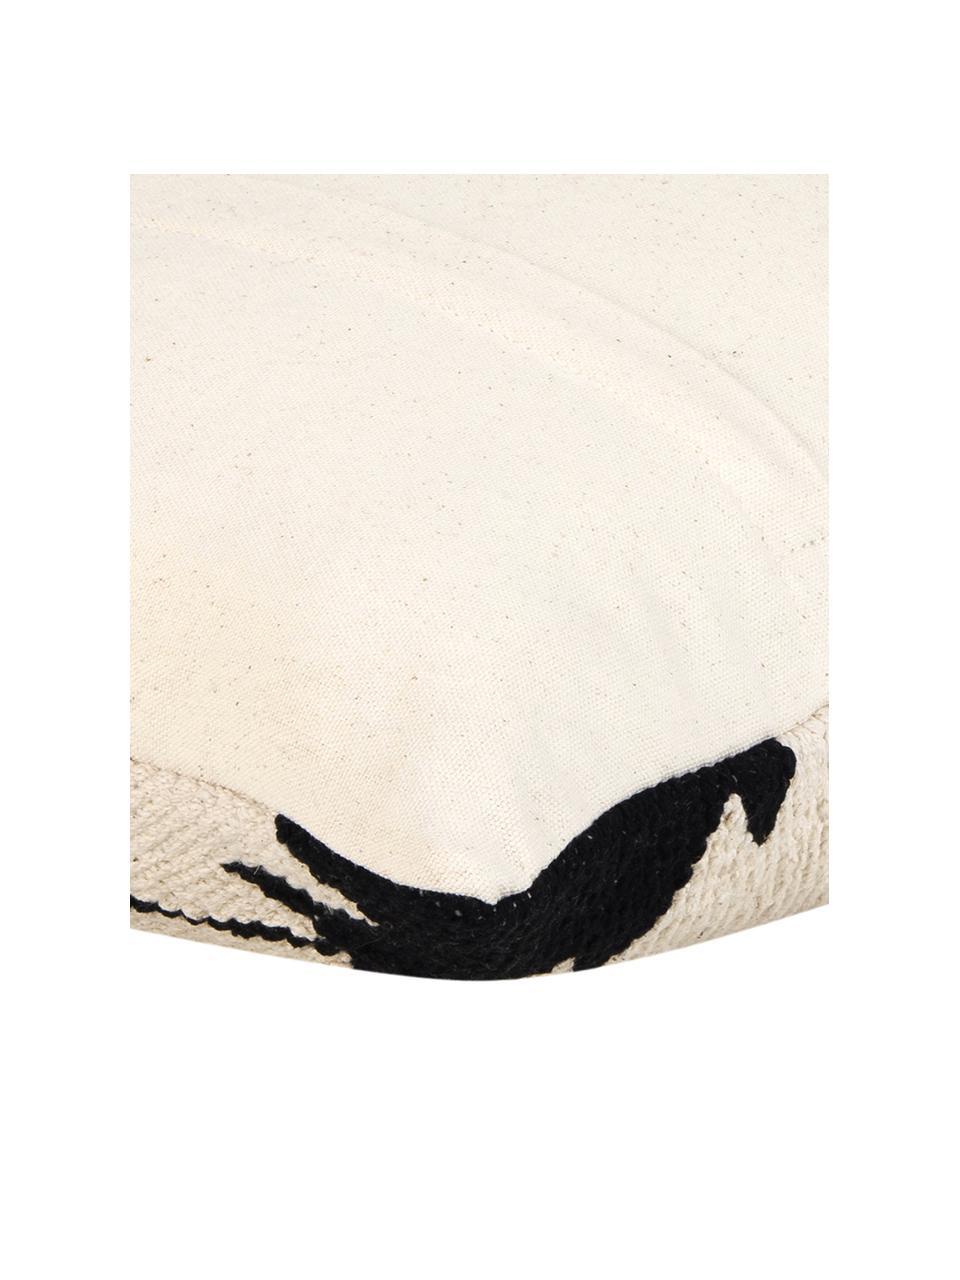 Tkana poszewka na poduszkę w stylu etno Cancun, 100% bawełna, Czarny, beżowy, S 45 x D 45 cm